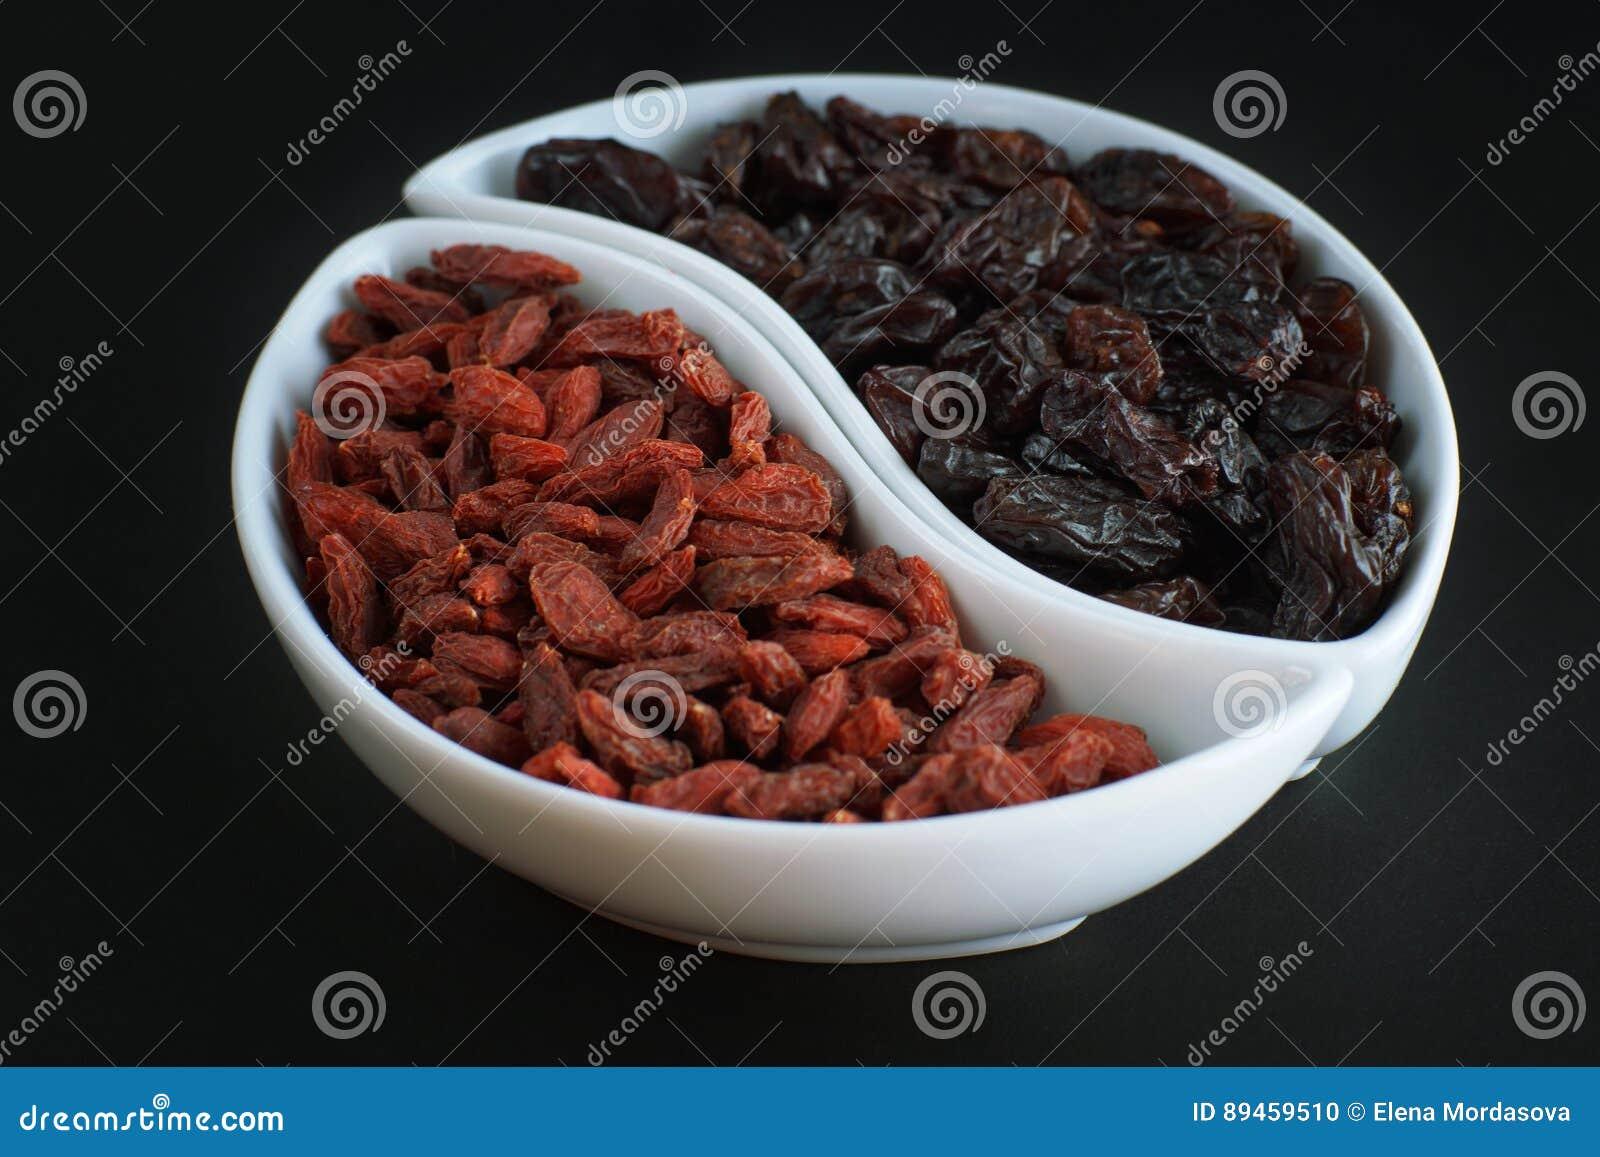 dried goji berries and raisins in bowls on a dark background